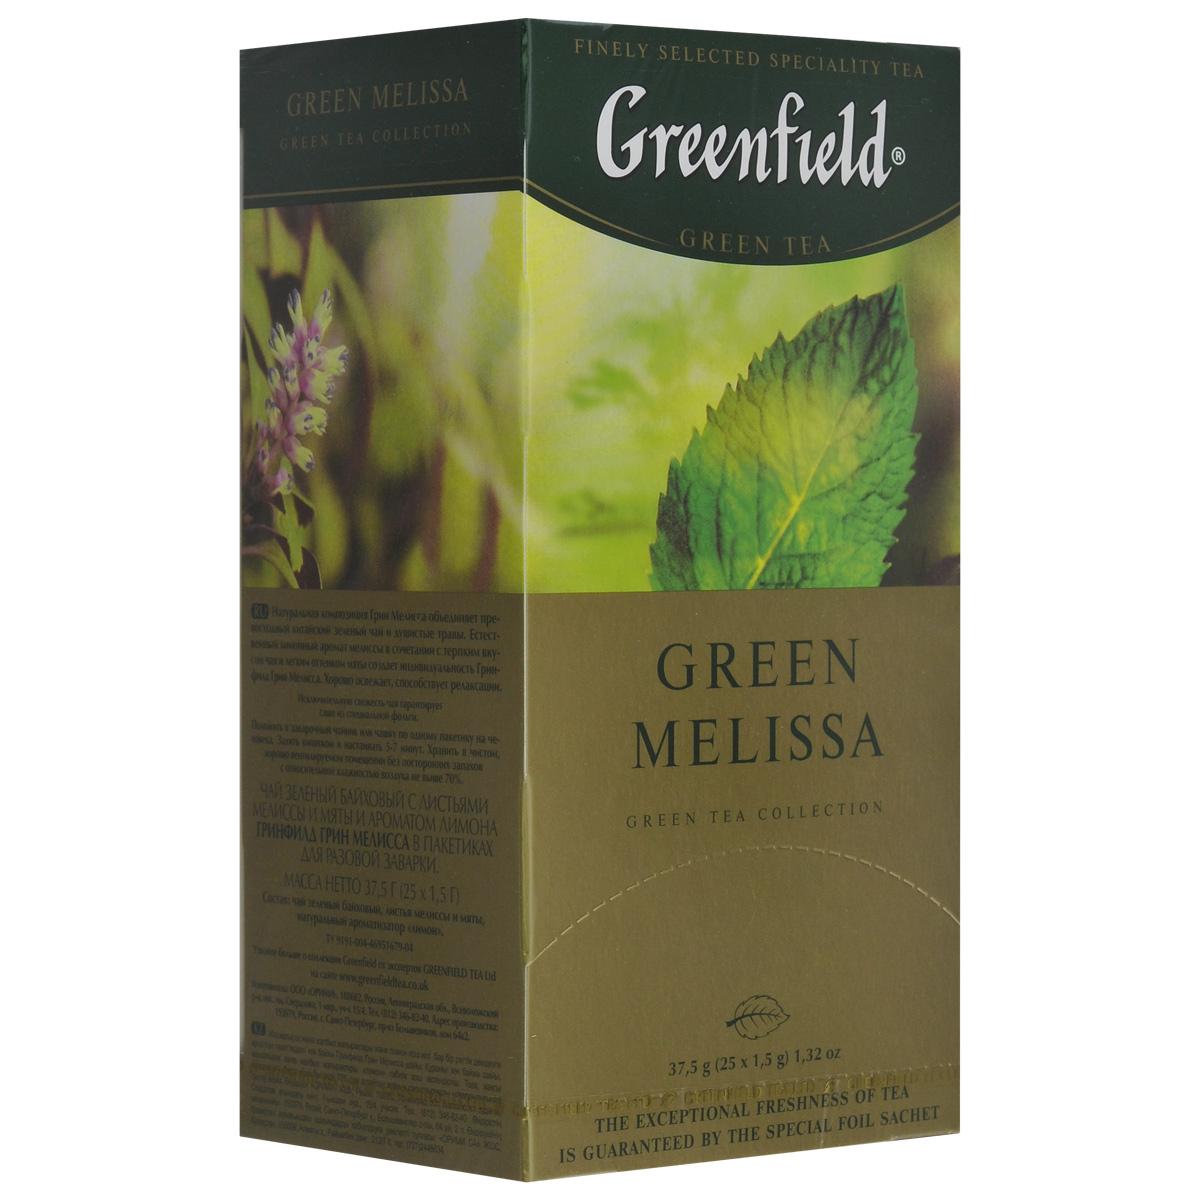 Greenfield Green Melissa зеленый чай в пакетиках, 25 шт greenfield jasmine dream зеленый ароматизированный листовой чай 200 г